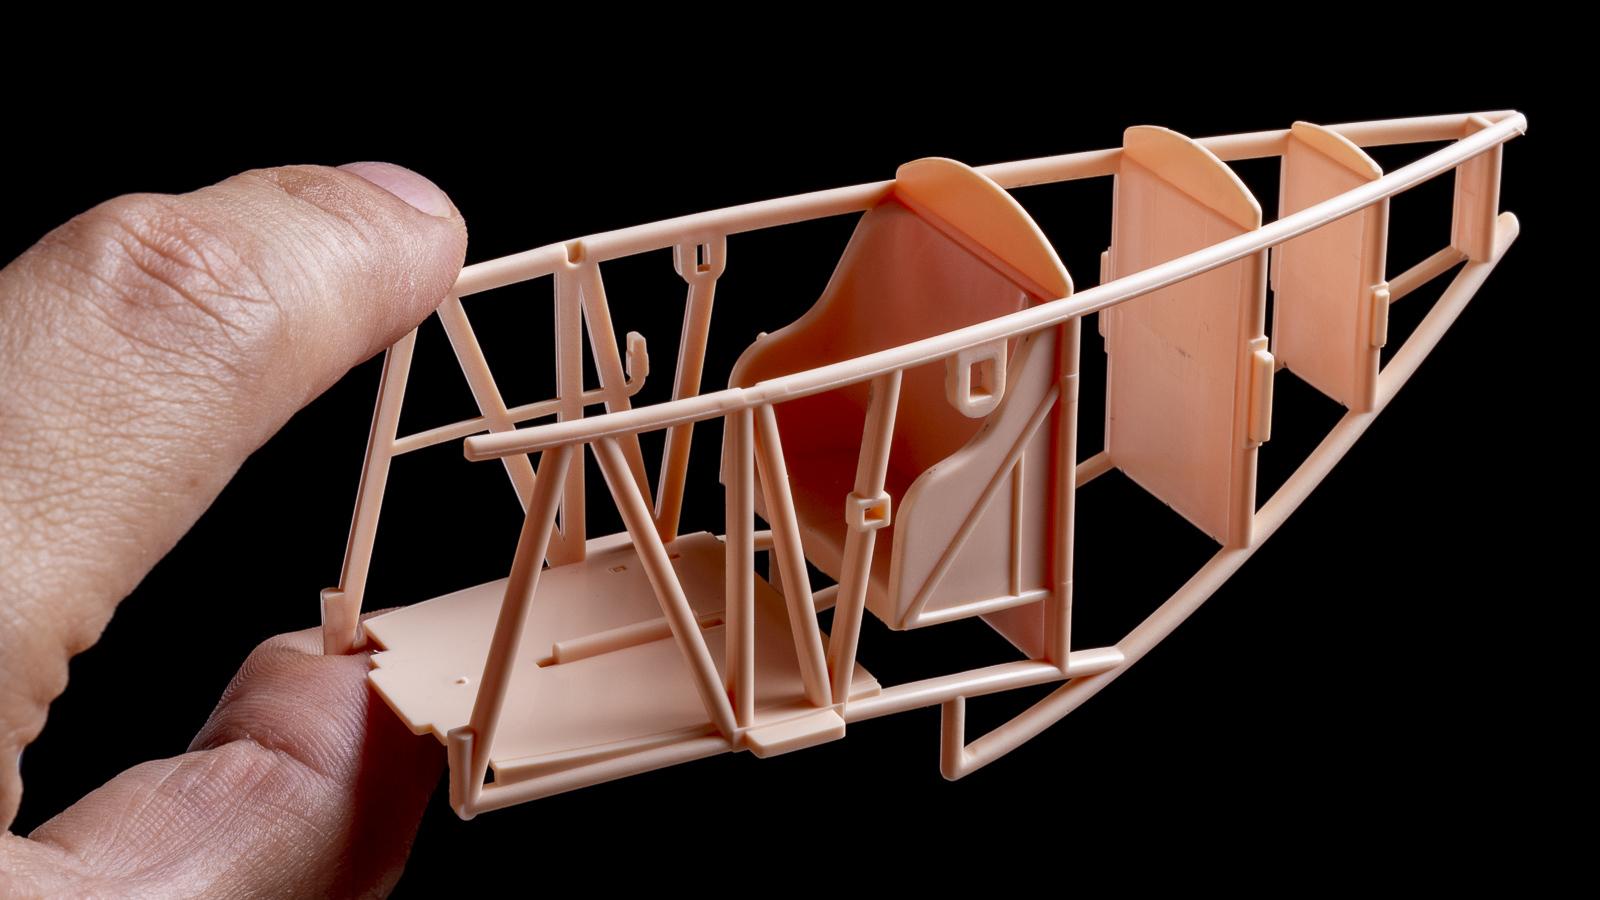 上海発、インディーズプラモメーカーの飛行機模型に痺れた話_b0029315_19583216.jpg